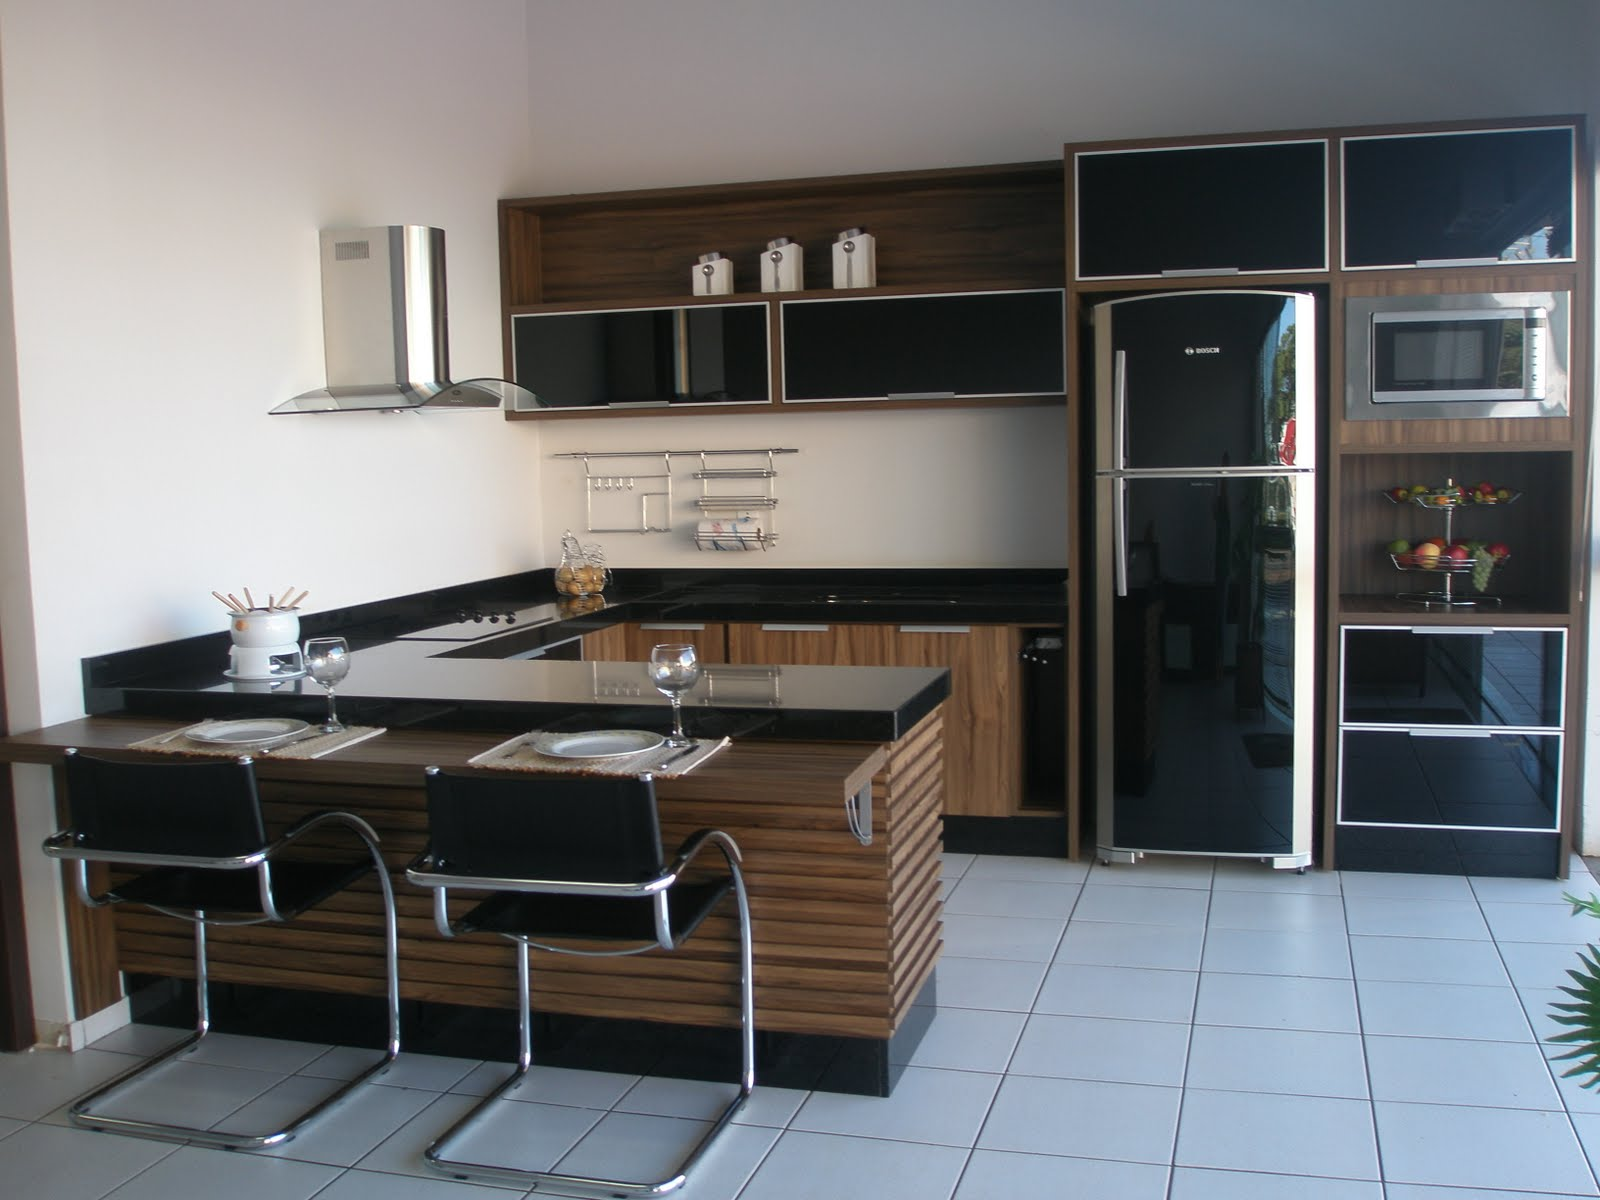 Cozinha planejada #466485 1600 1200